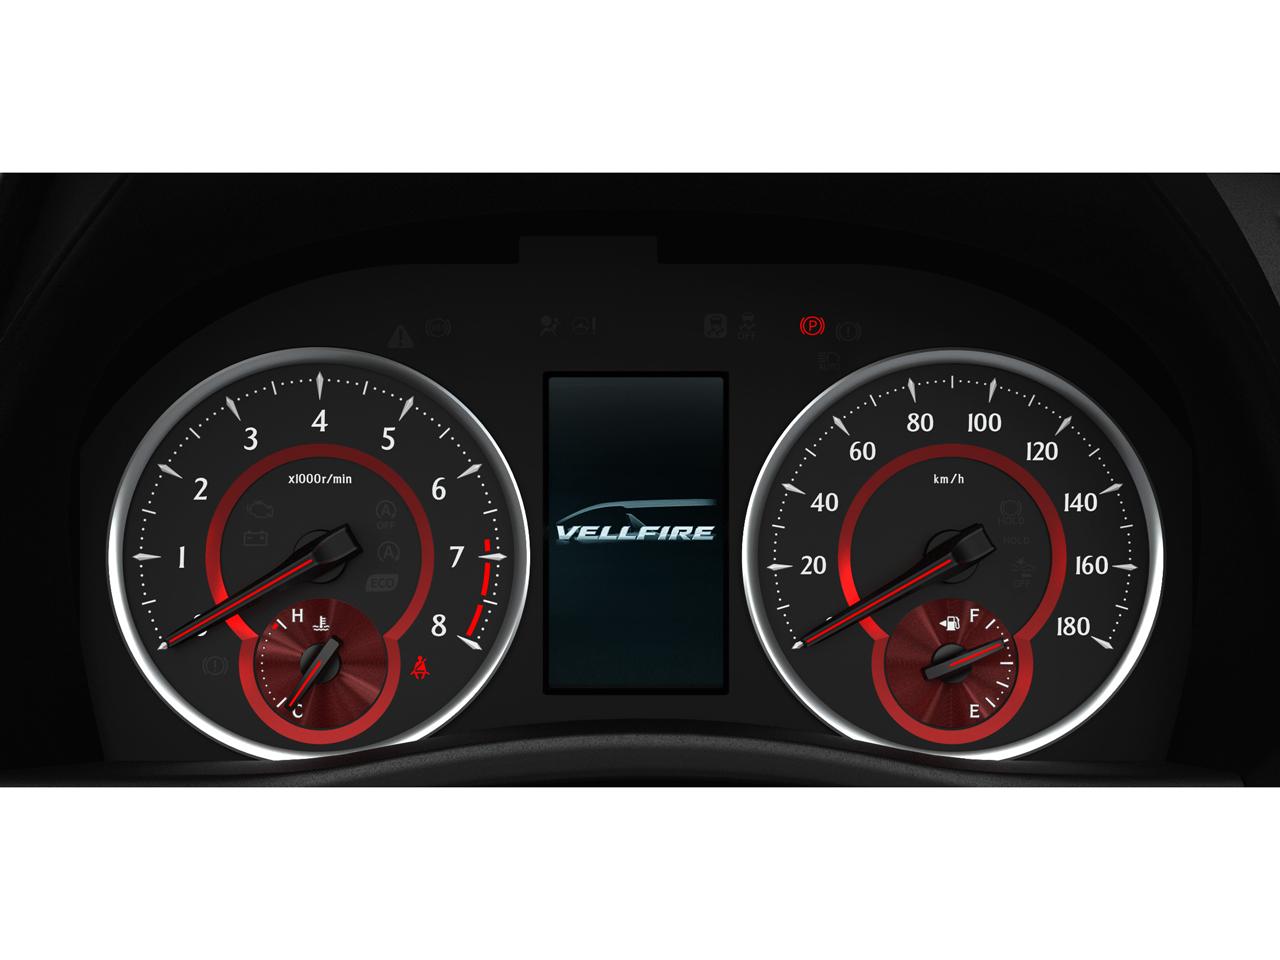 『インテリア1』 ヴェルファイア 2015年モデル の製品画像